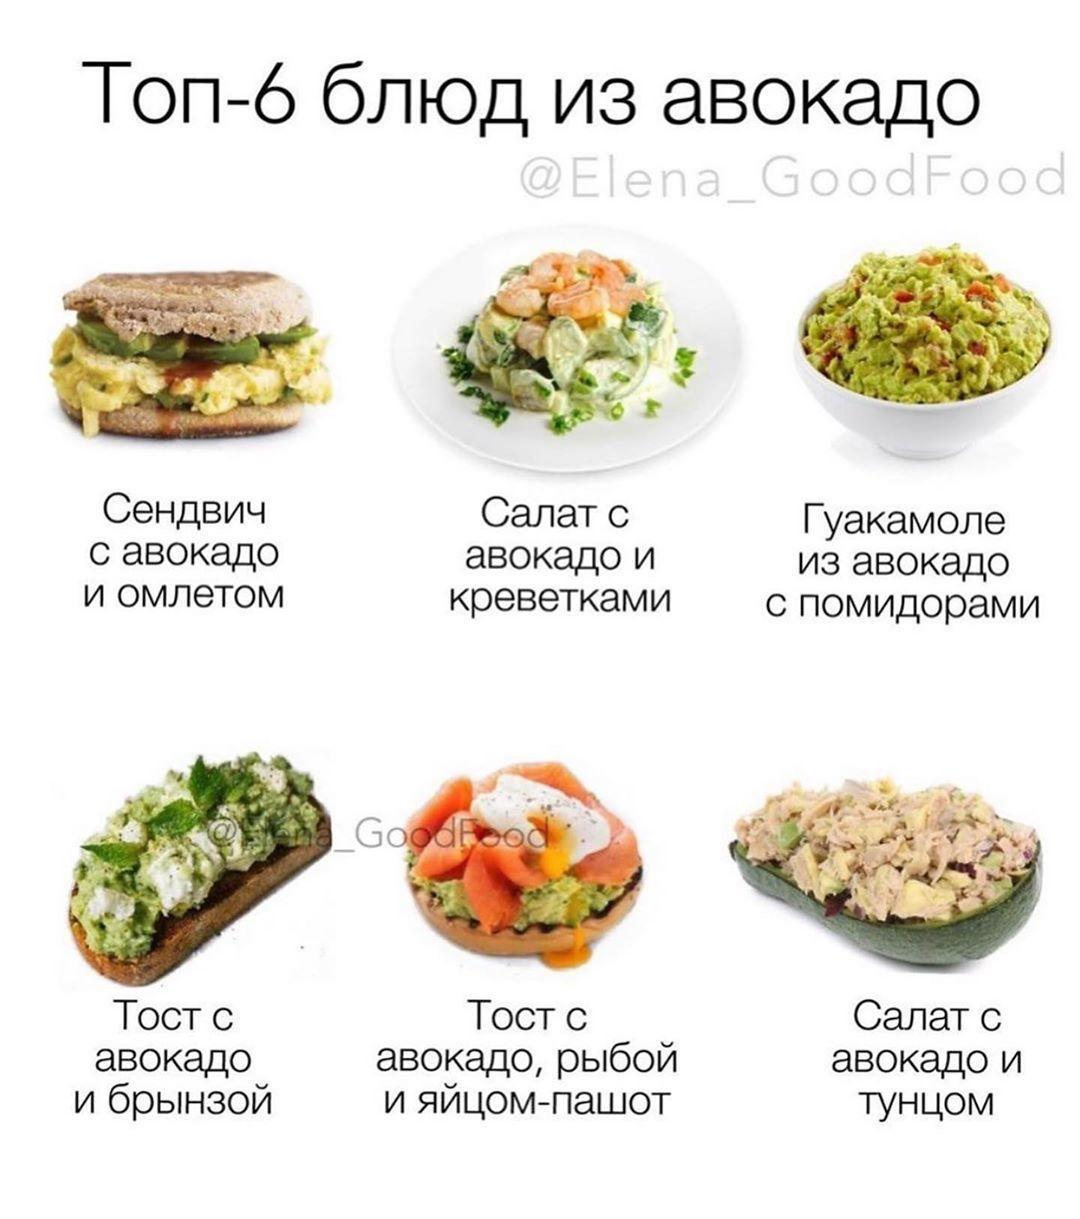 Подборка блюд с авокадо